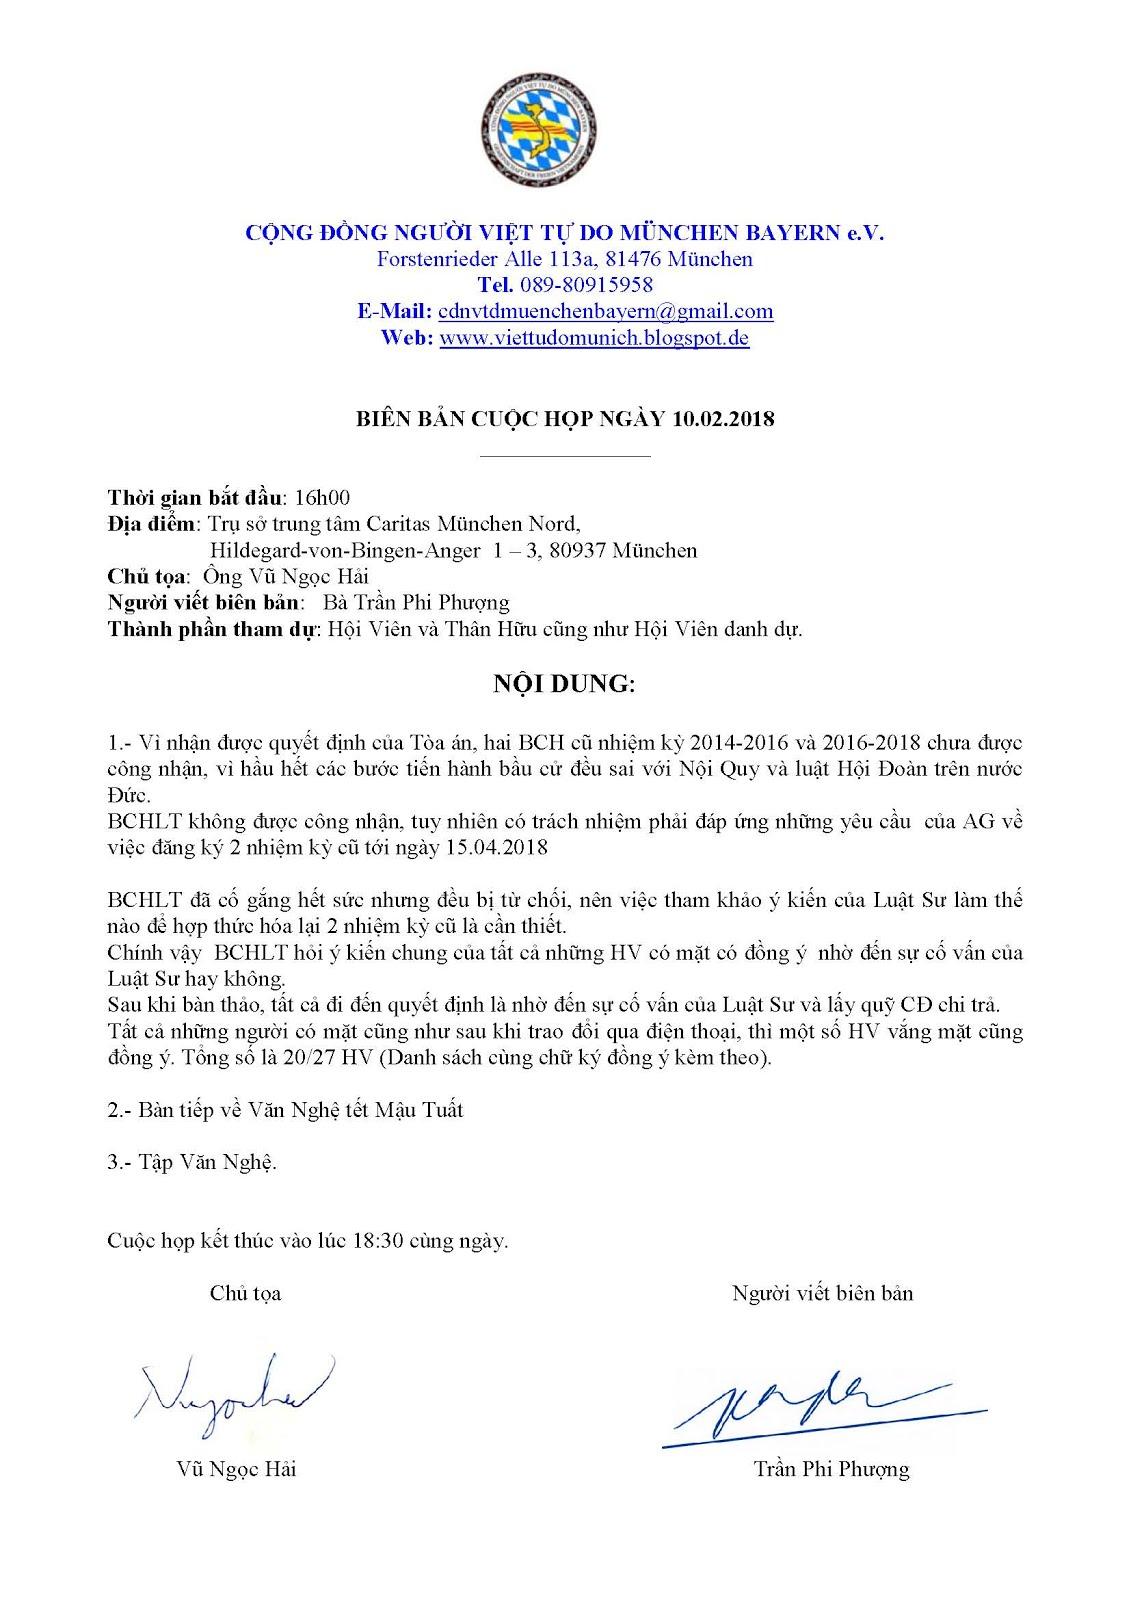 BIÊN BẢN CUỘC HỌP NGÀY 10.02.208